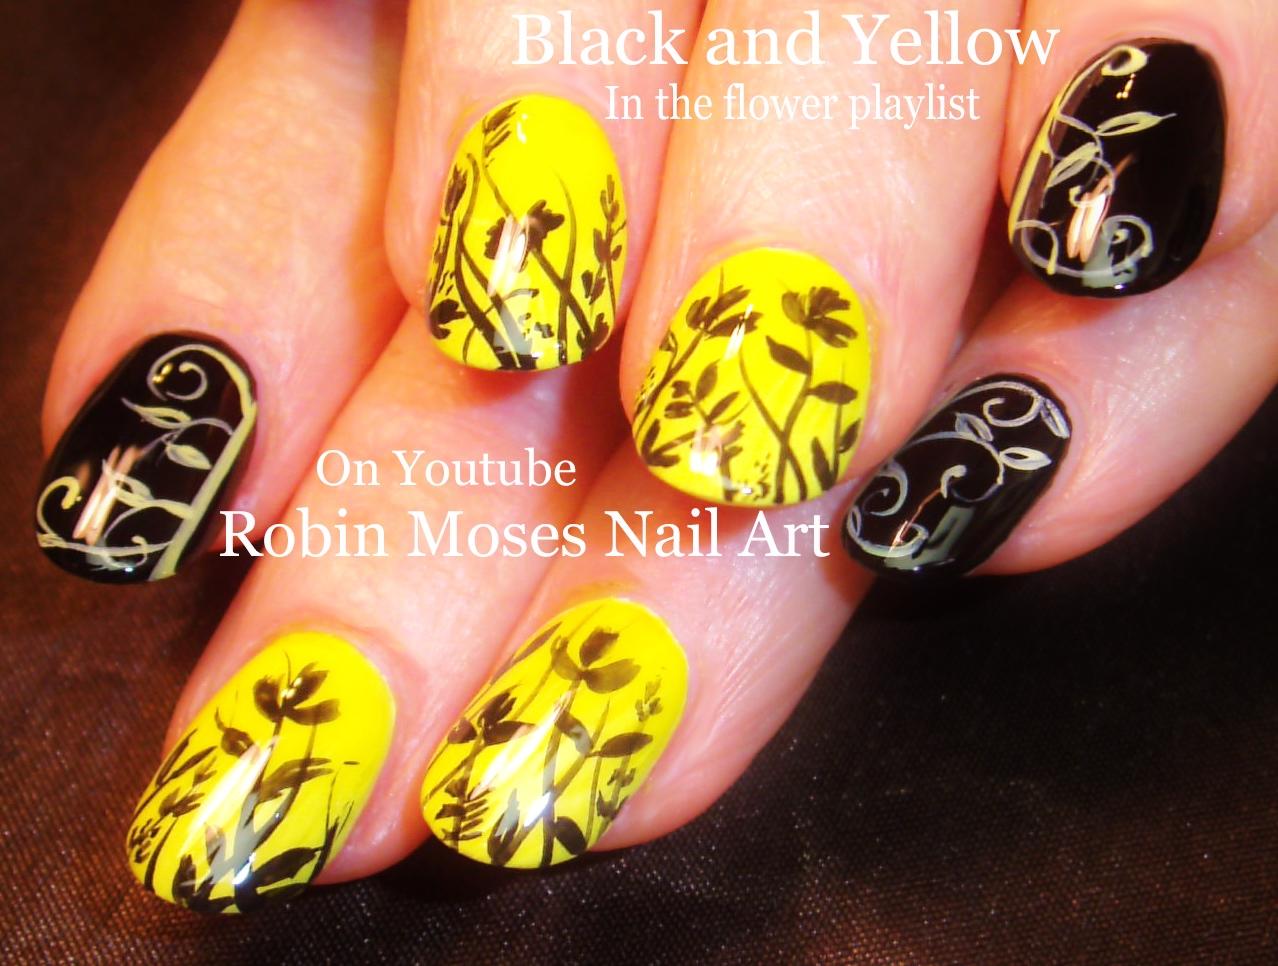 Nail Art By Robin Moses Elegant Diy Black And Yellow Design Nail